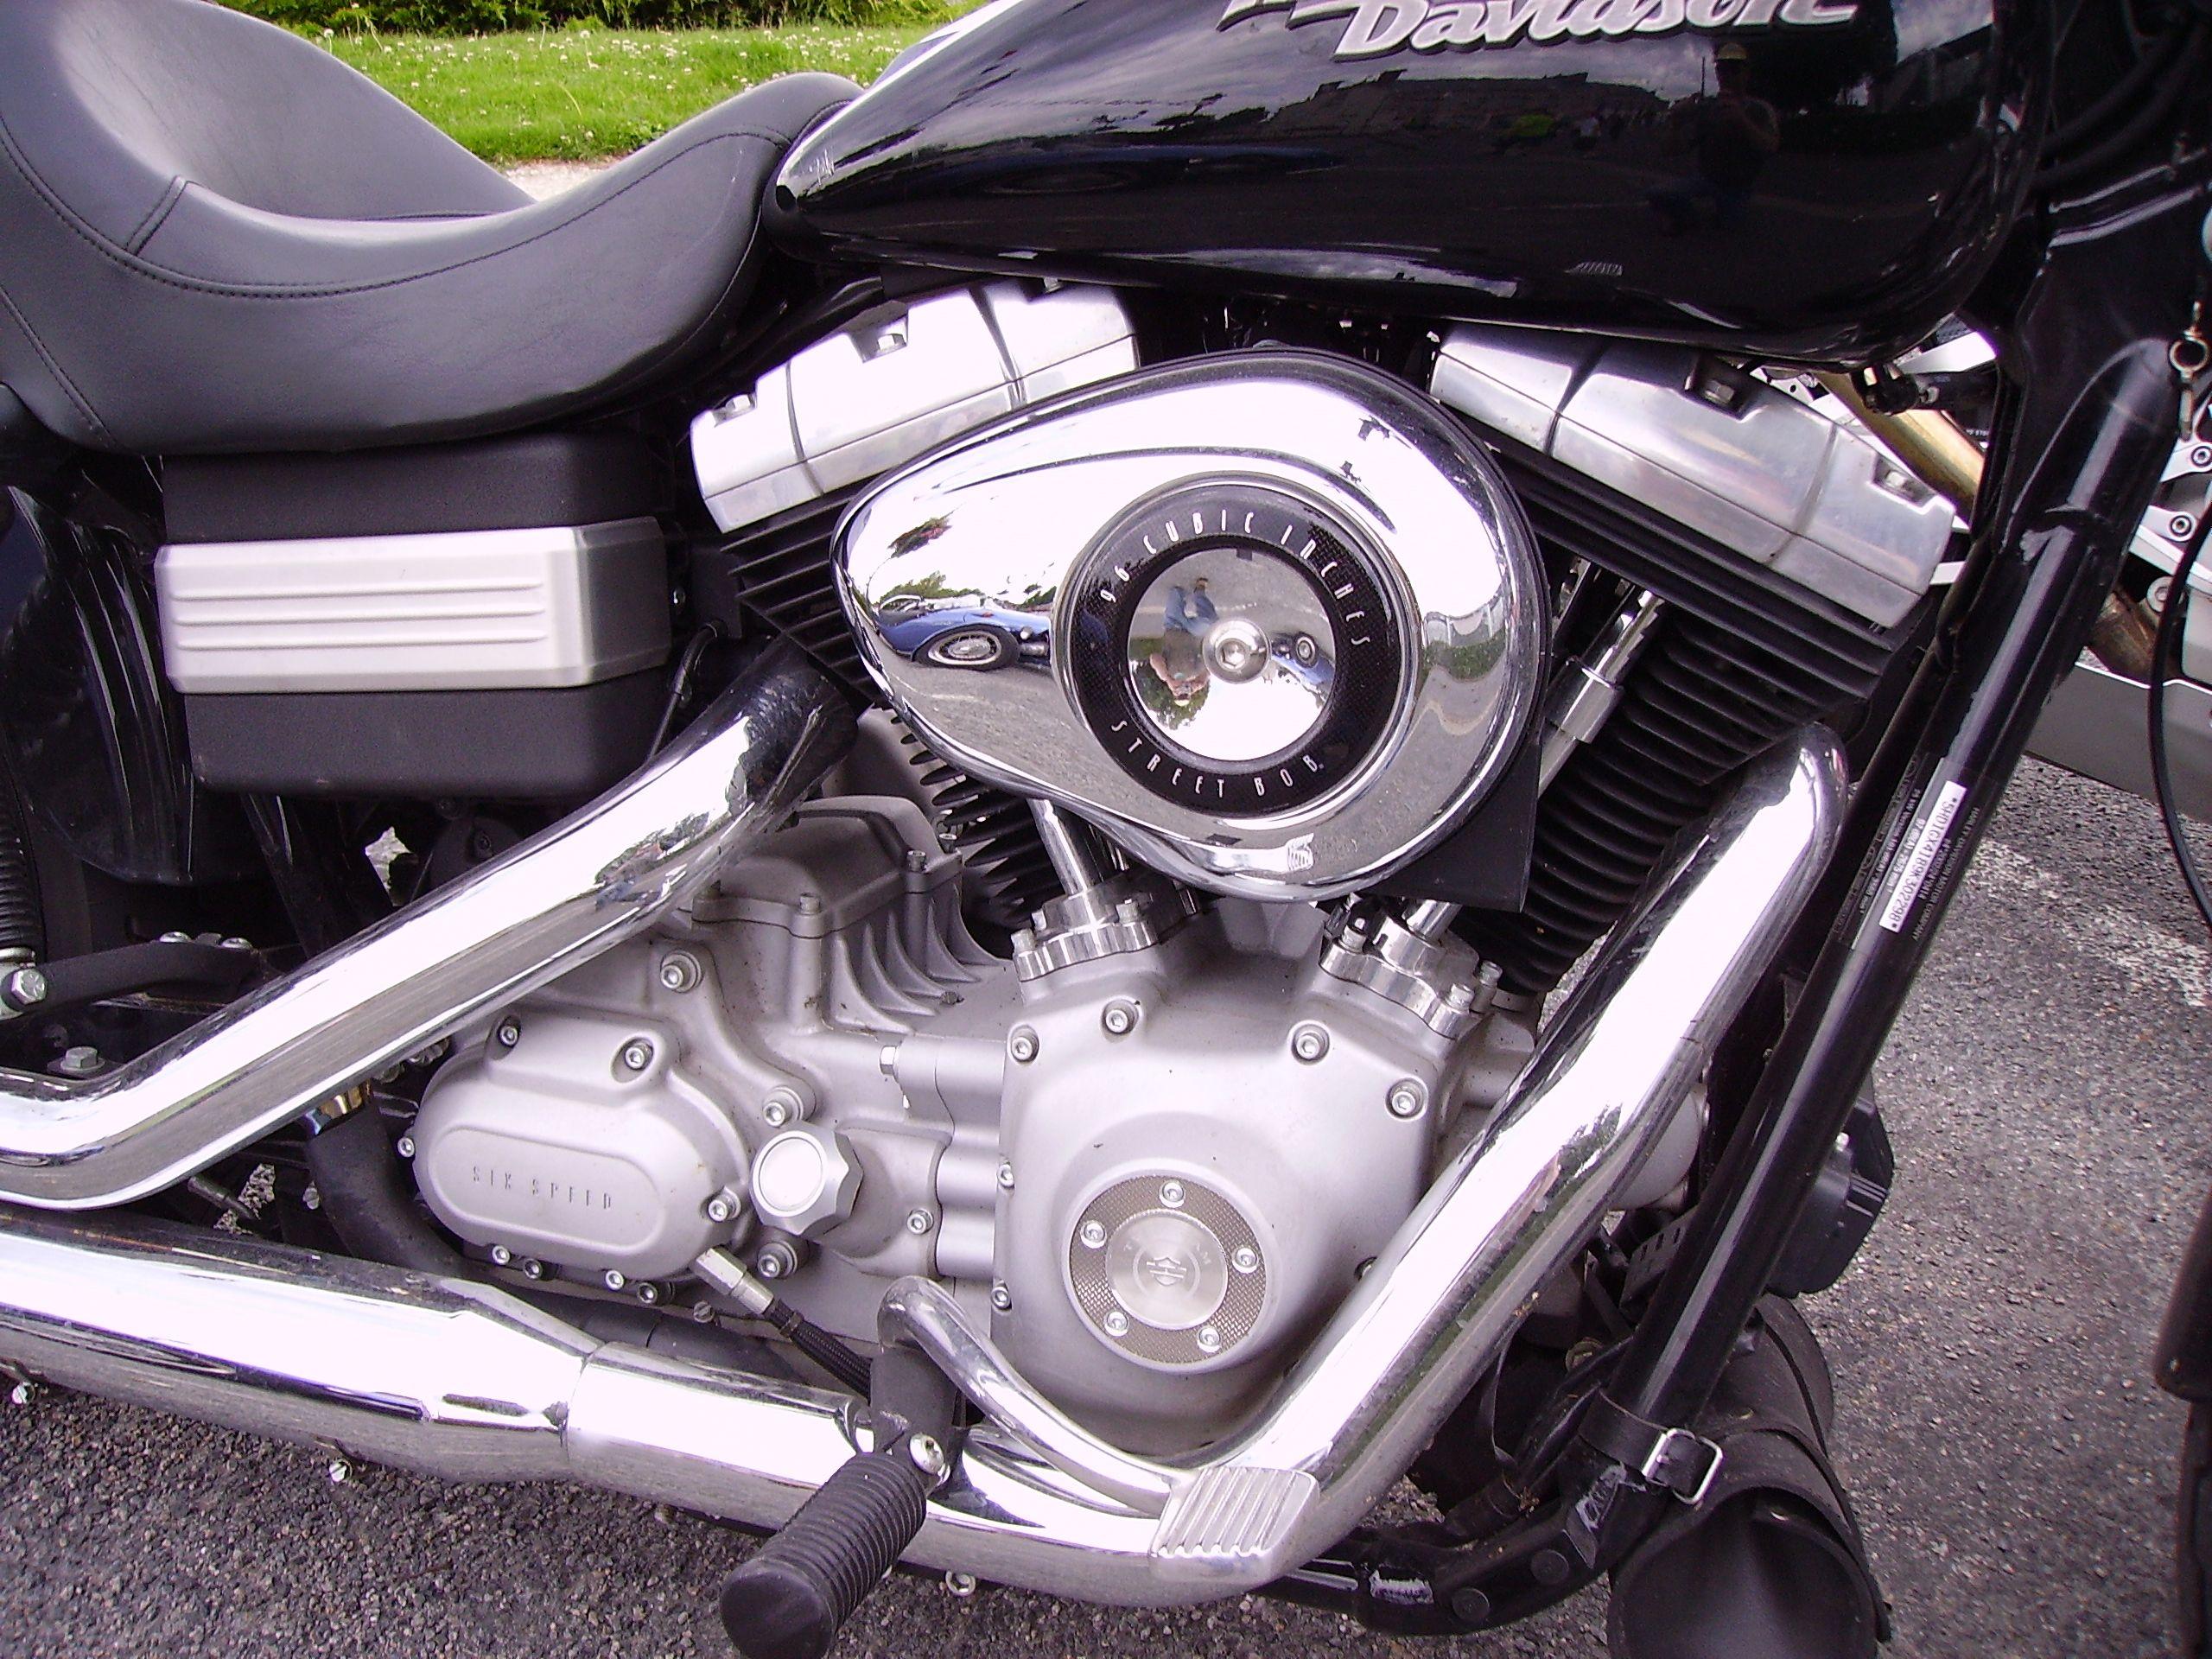 Fvbjvsksdufyur foto motor harley davidson terbaru 2105 images for Motor city harley davidson hours